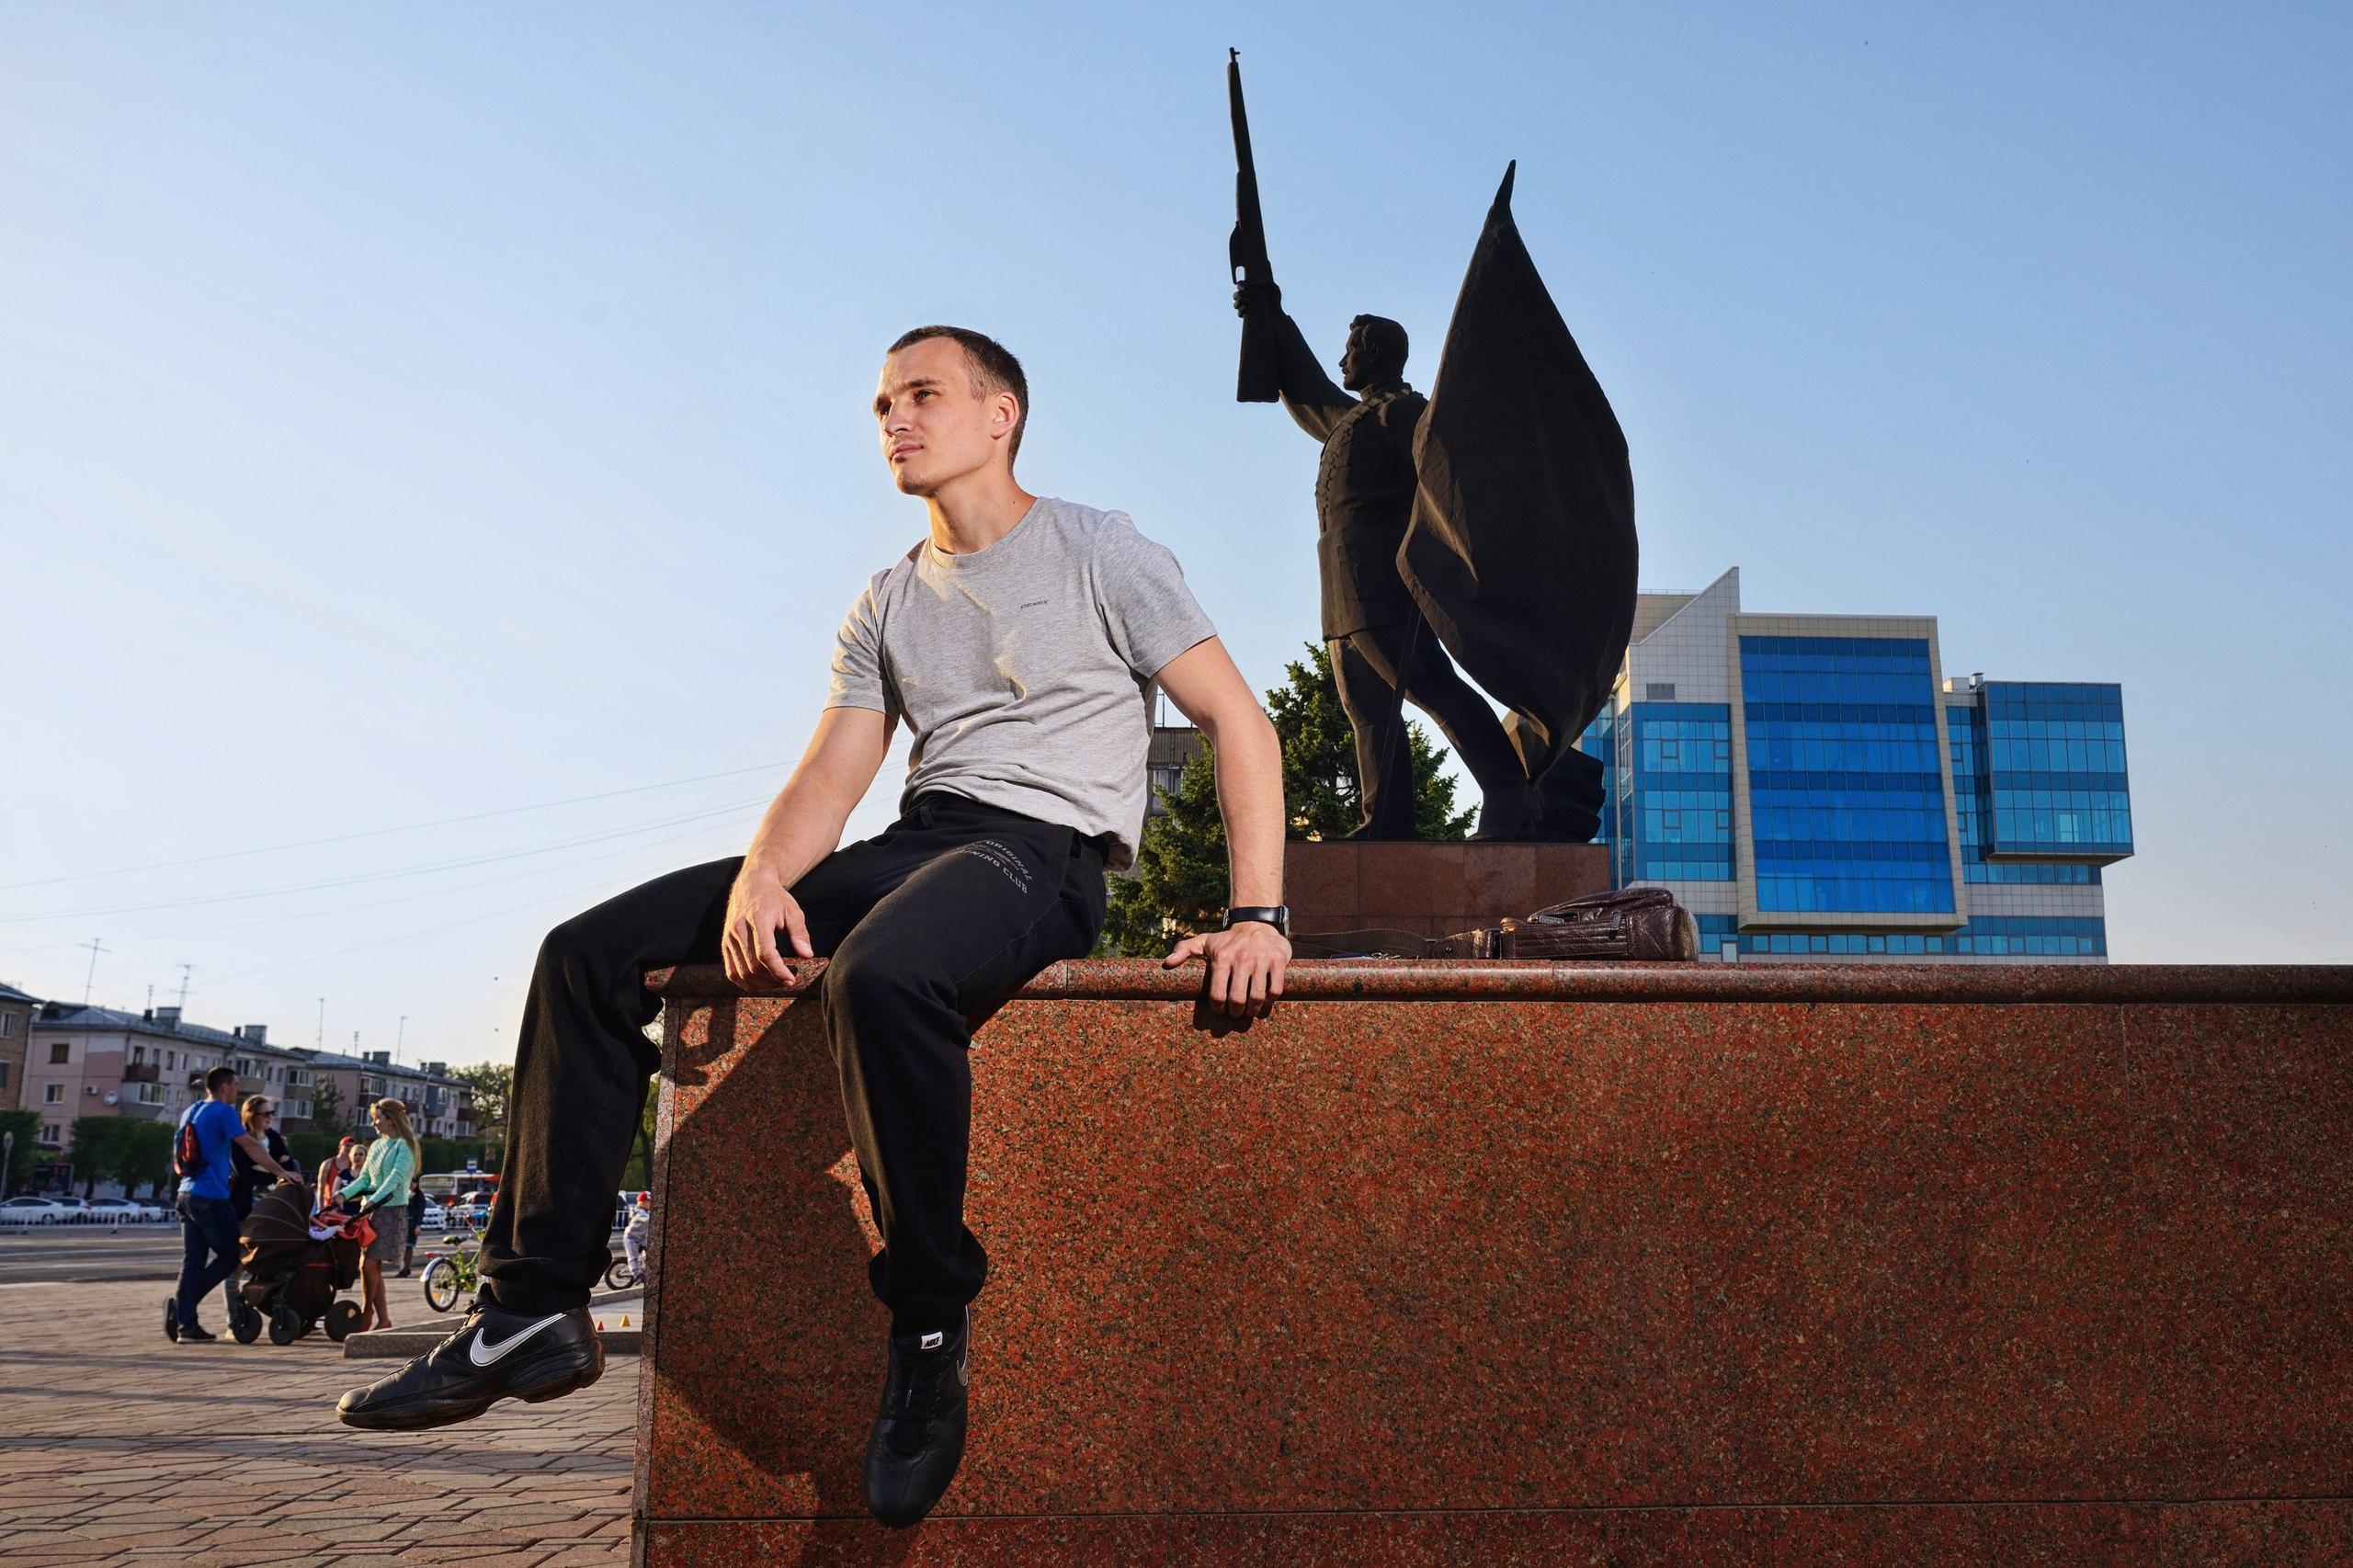 У Андрея Клочкова ещё много идей. Фото © VK / Андрей Клочков